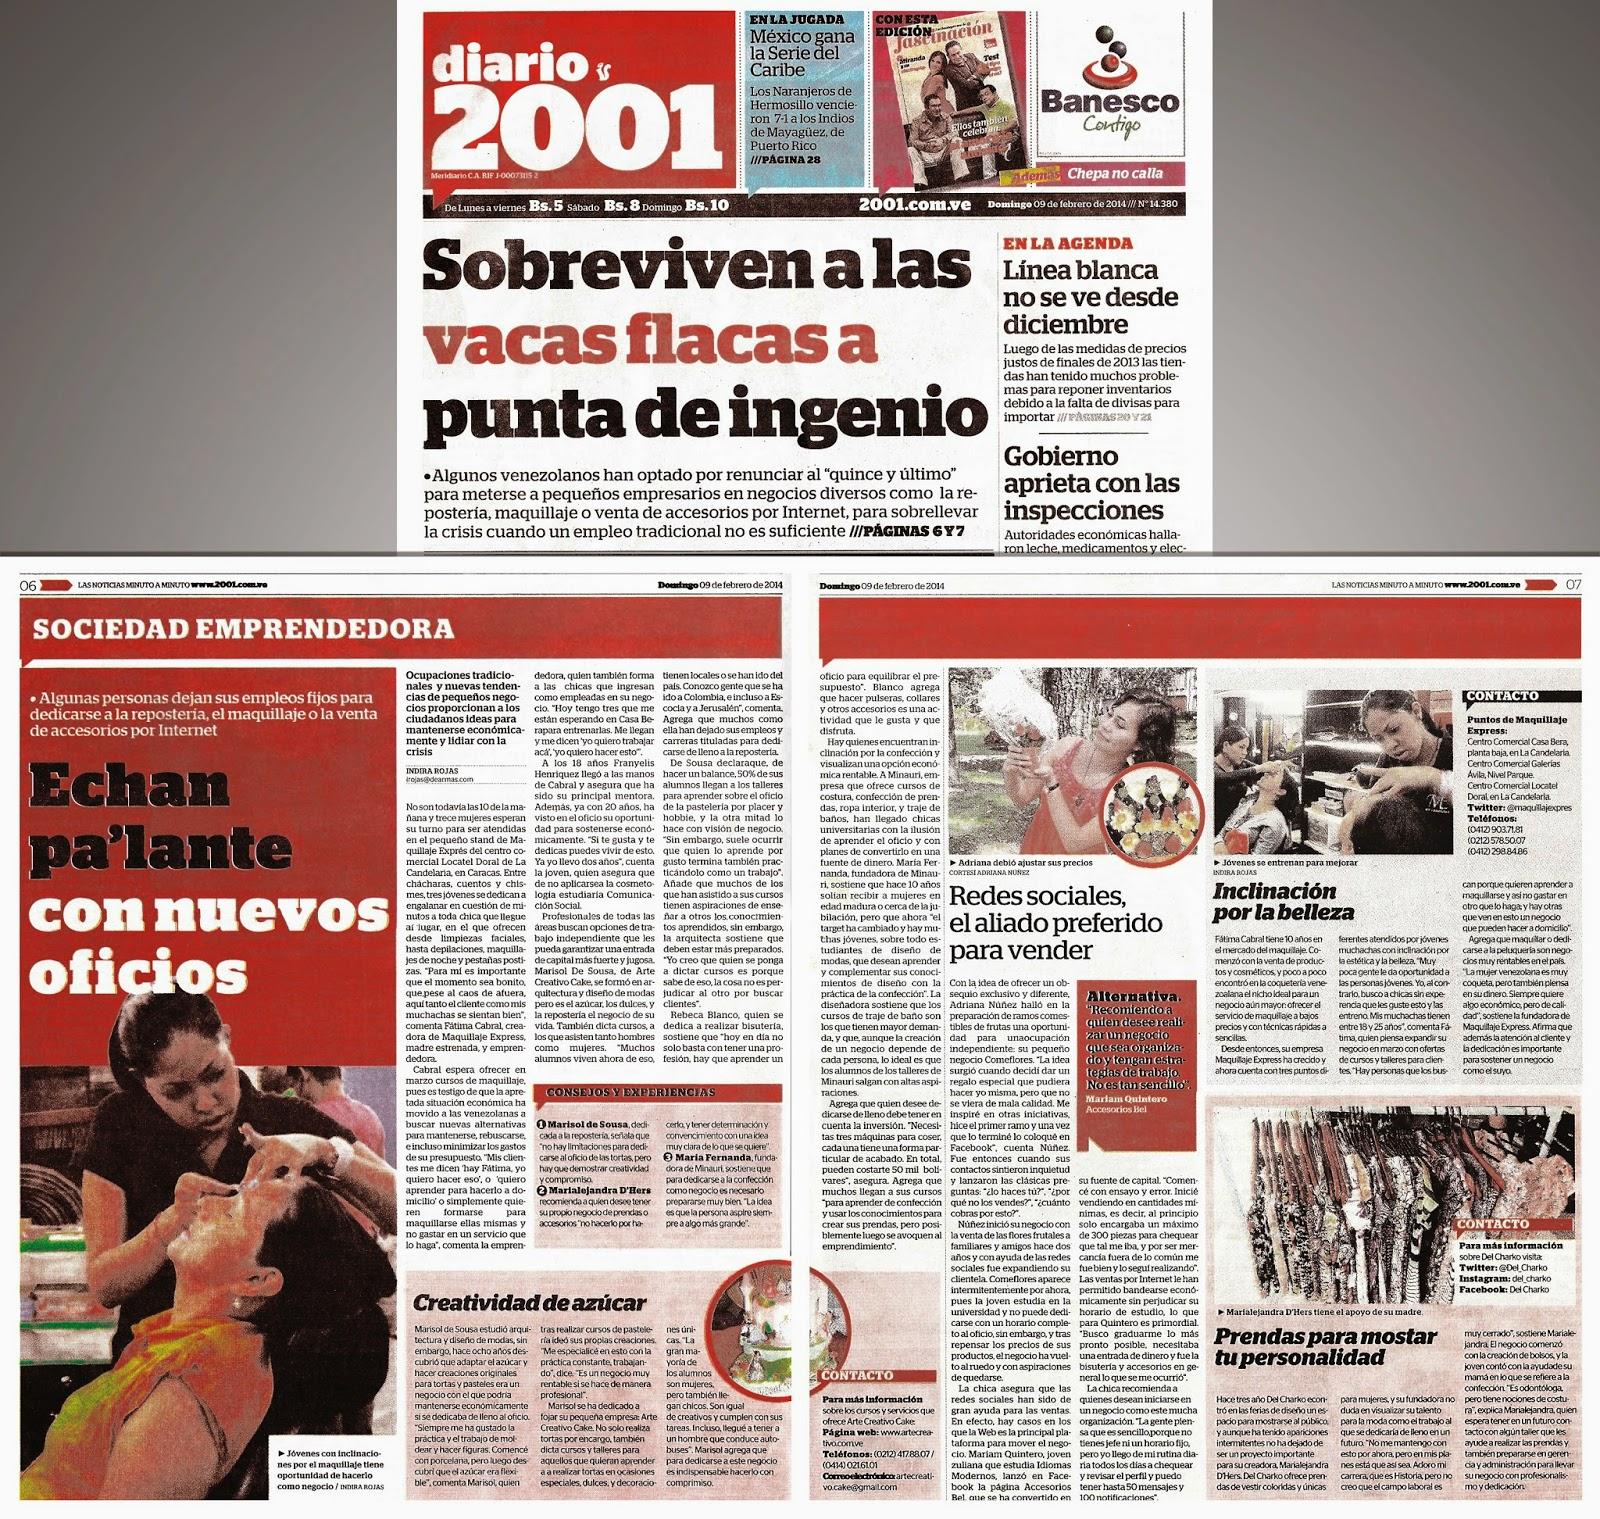 Diario 2001 - Indira Rojas - 09 Febrero 2014 - Manualistas y Artesanos